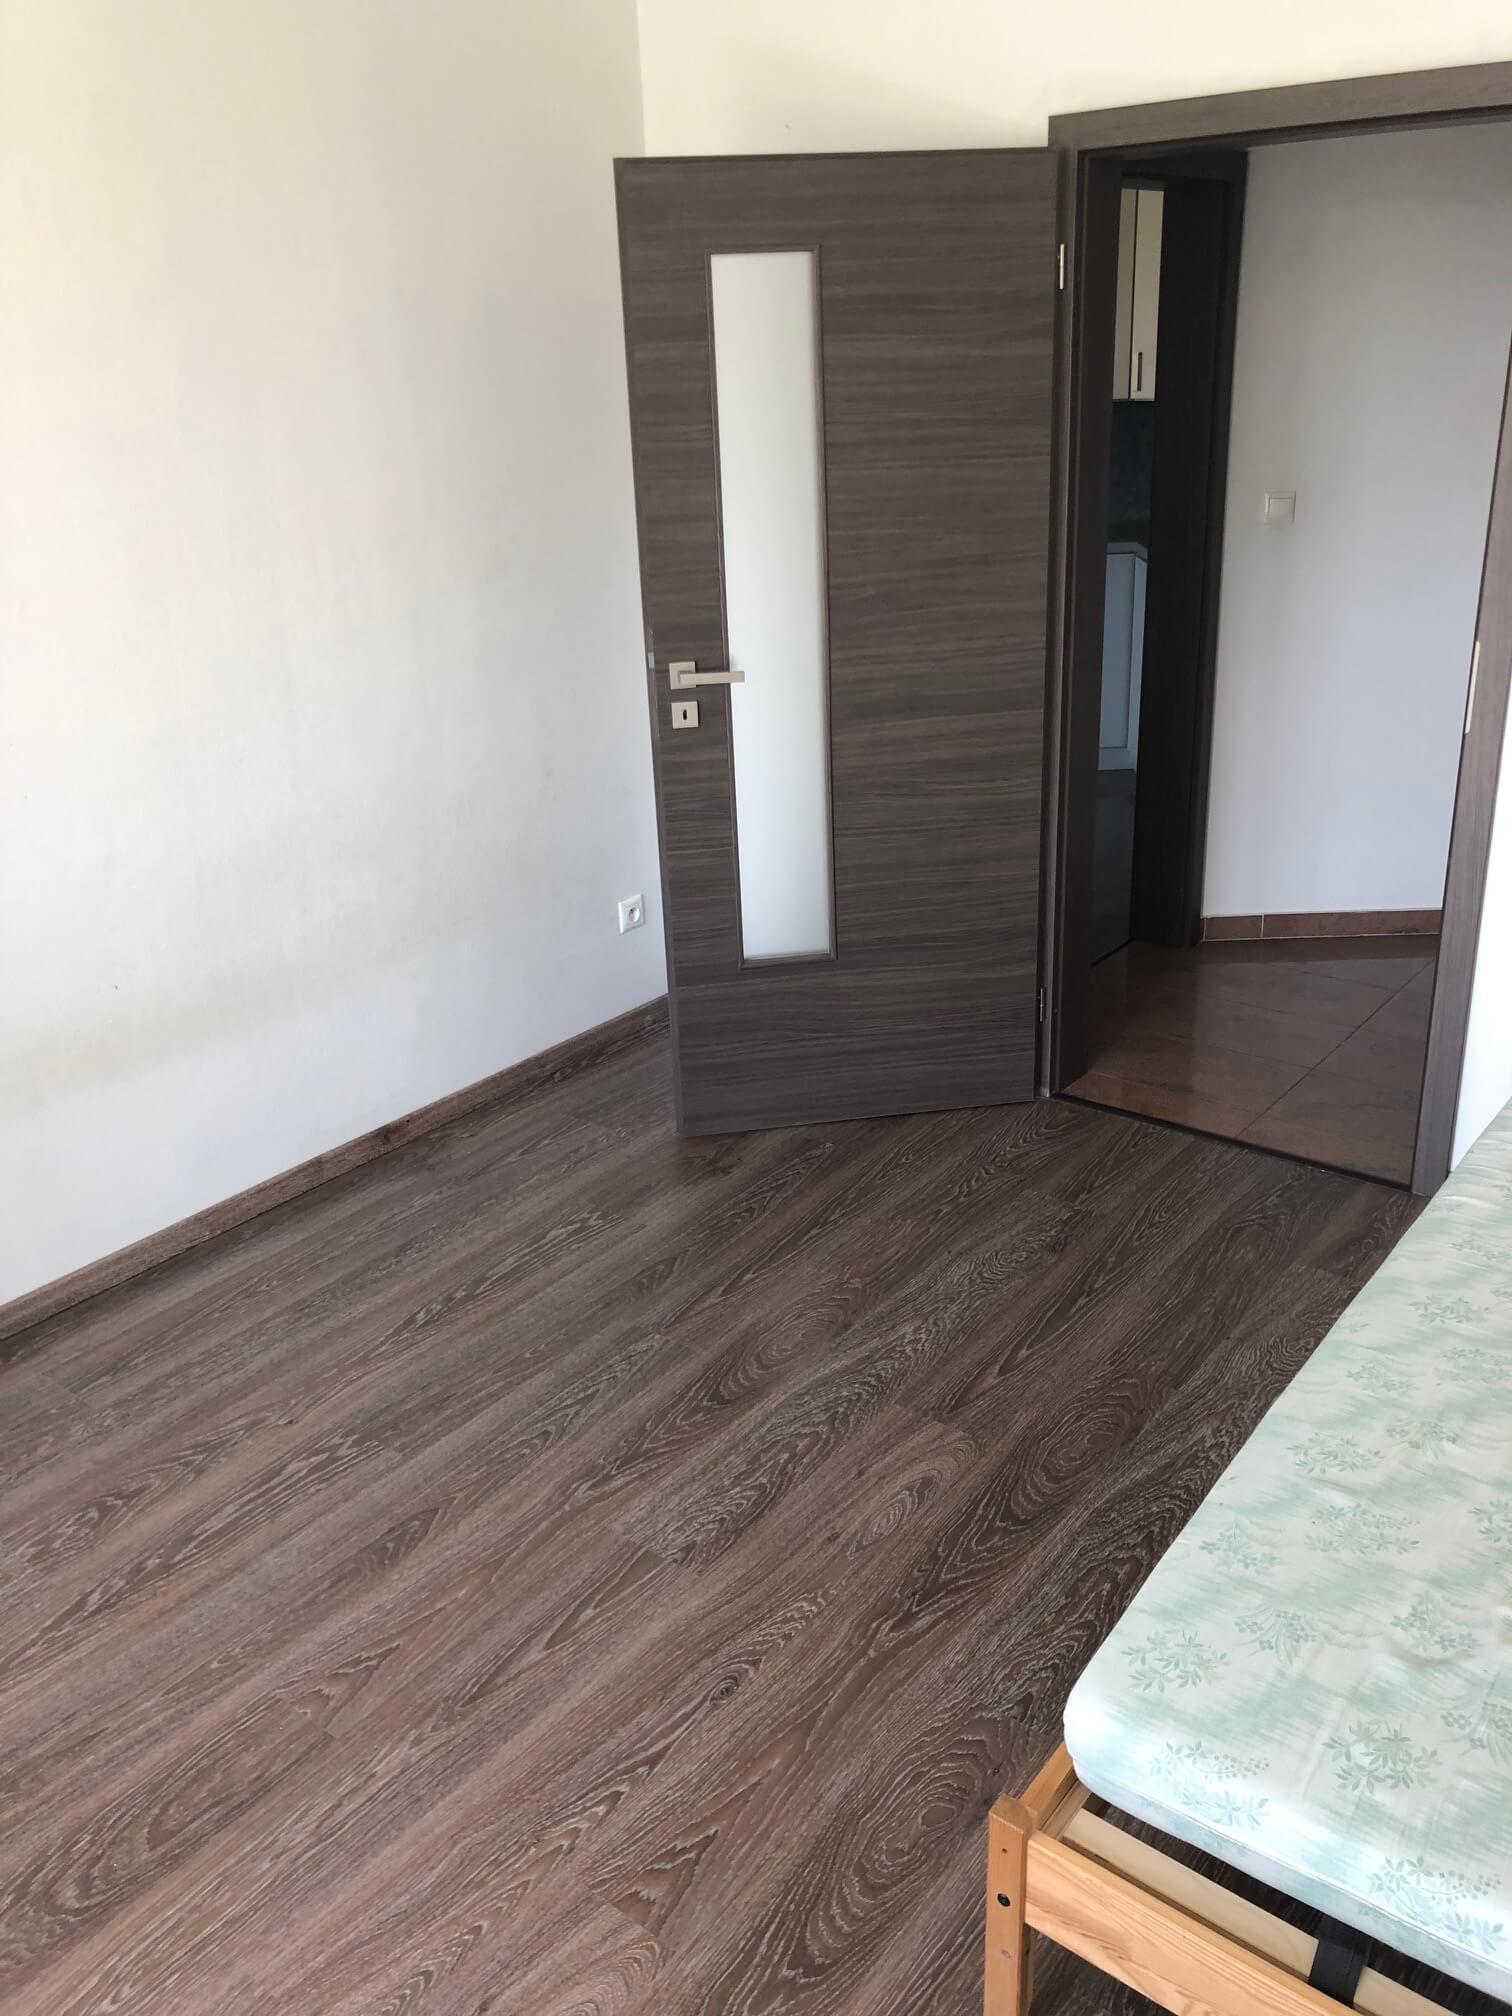 Predané: 3 izbový byt, novostavba, 72,25m2, loggia 4,82m2, Staré Grunty, Karlovka, garážové státie-16